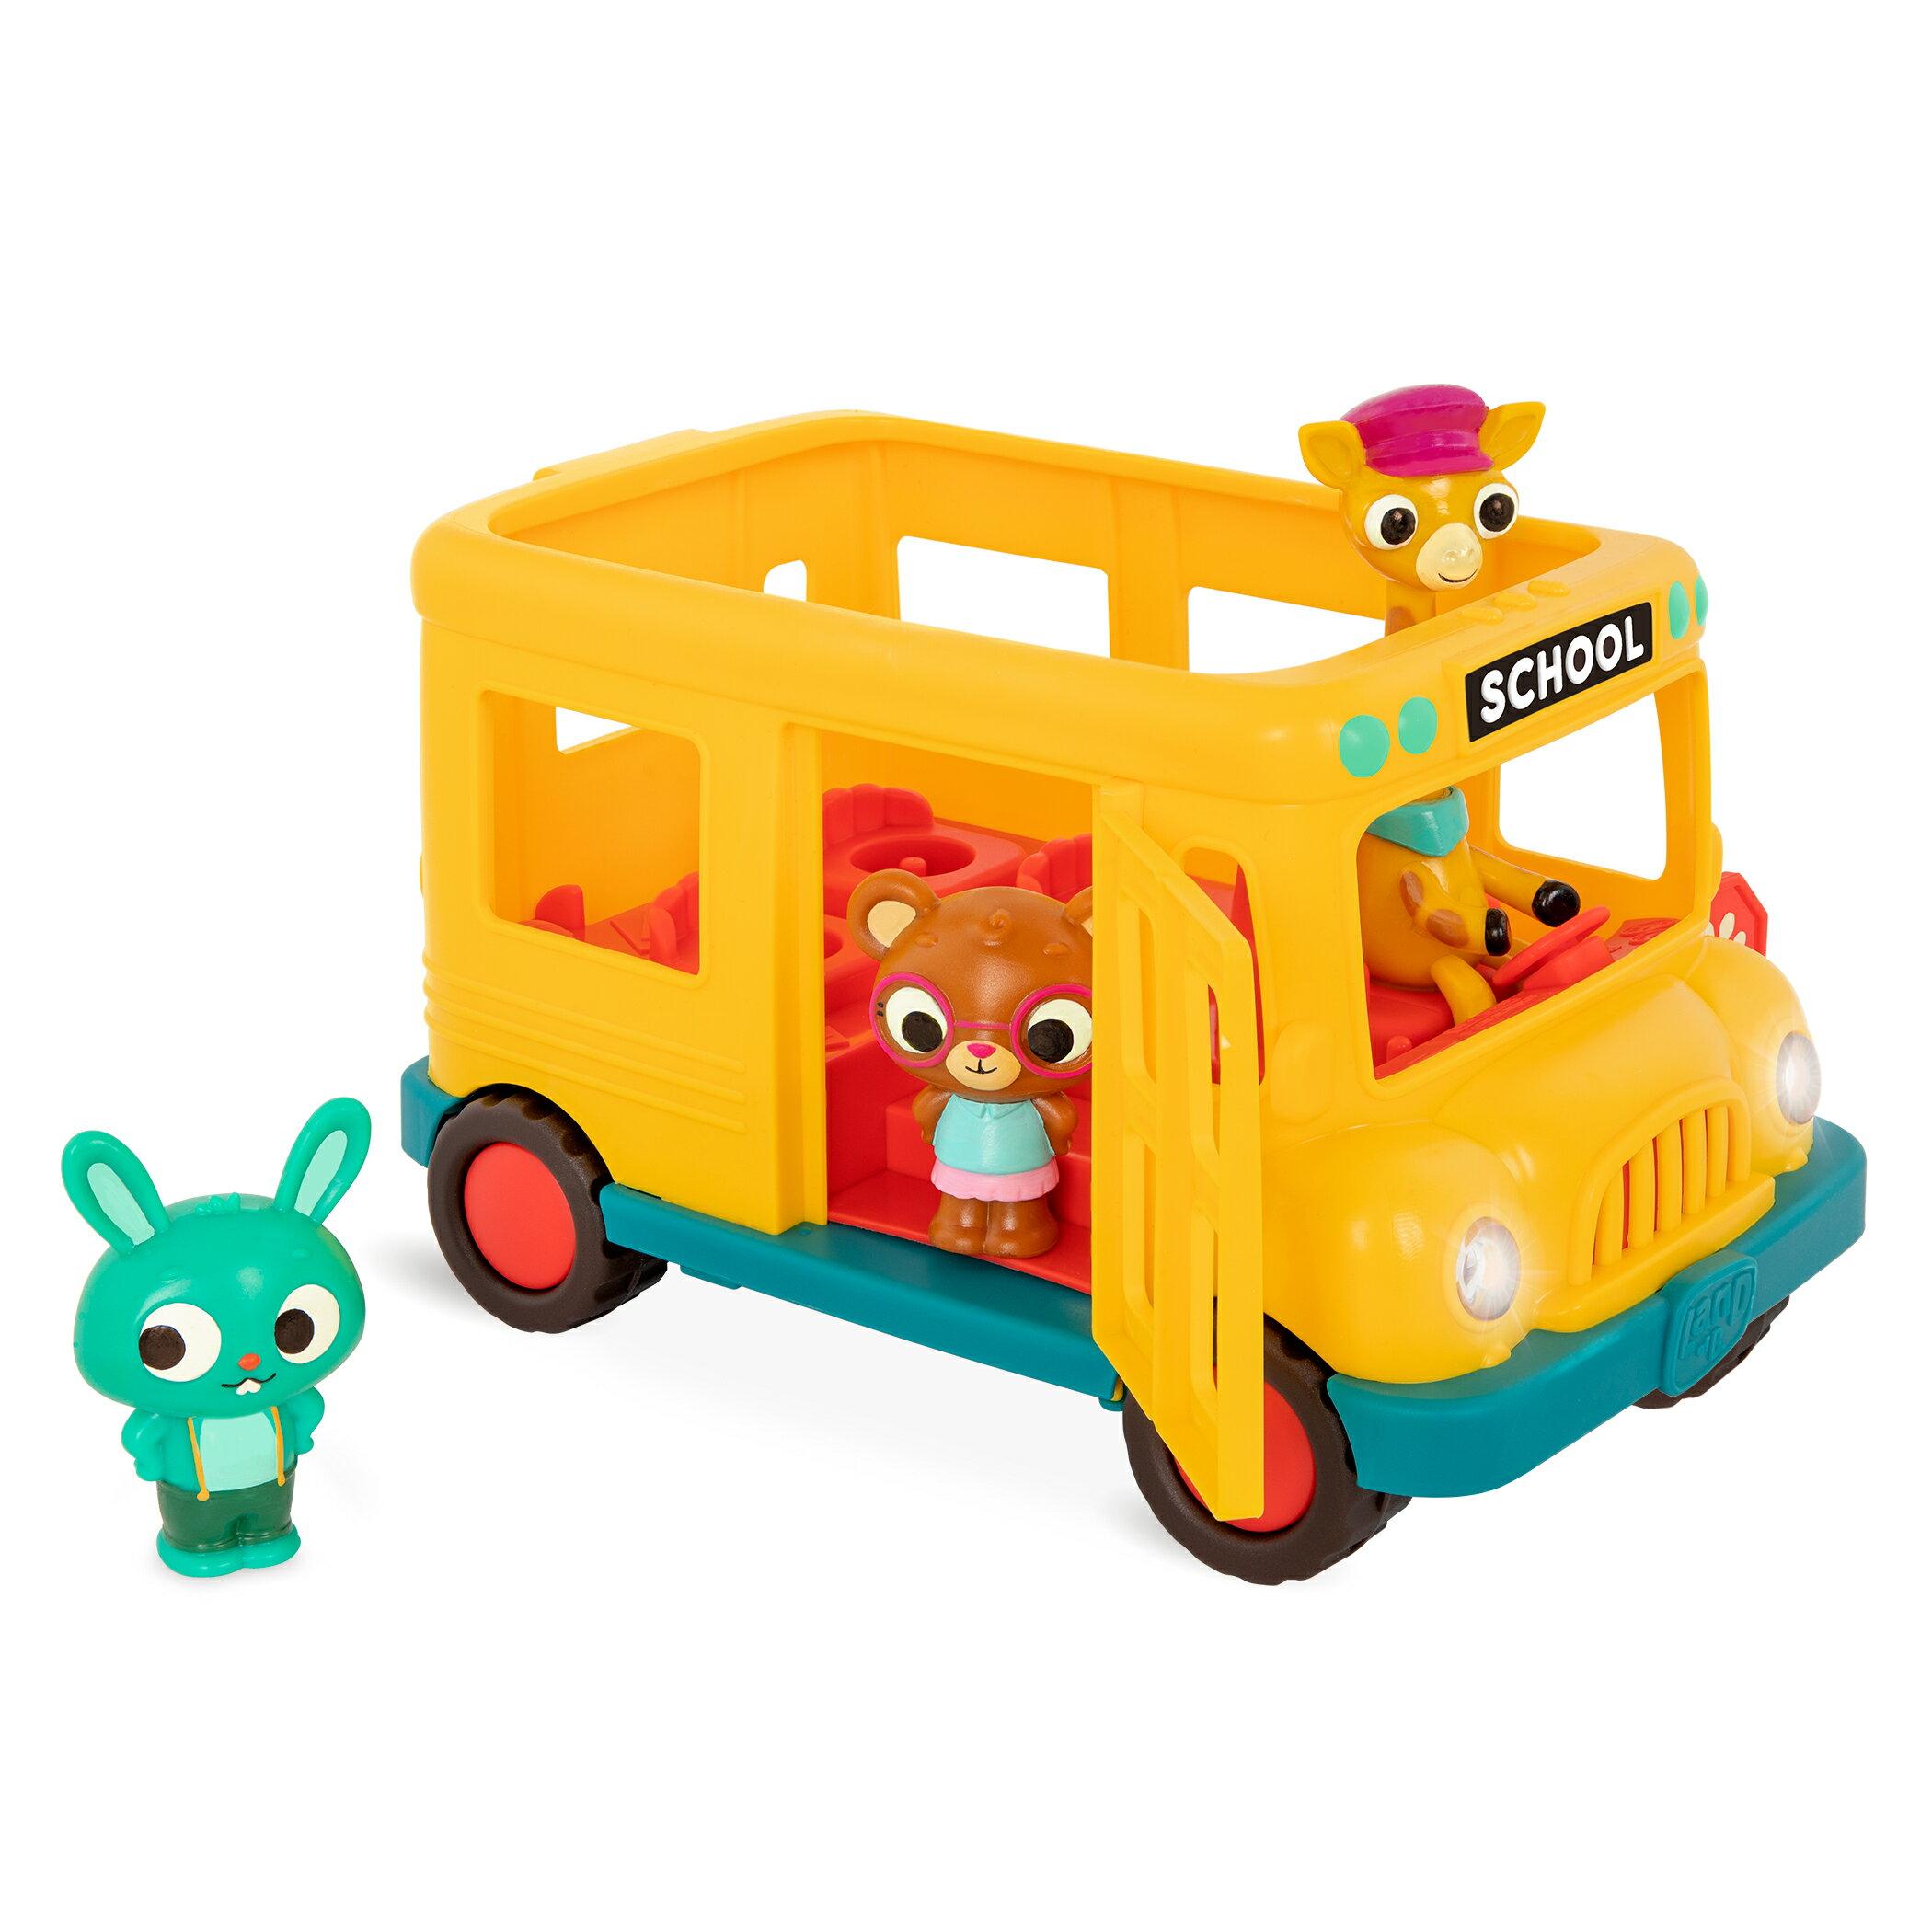 【淘氣寶寶】美國 B.Toys 感統玩具 波妮哼哼唱校園巴士 LB1915【淘氣寶寶】